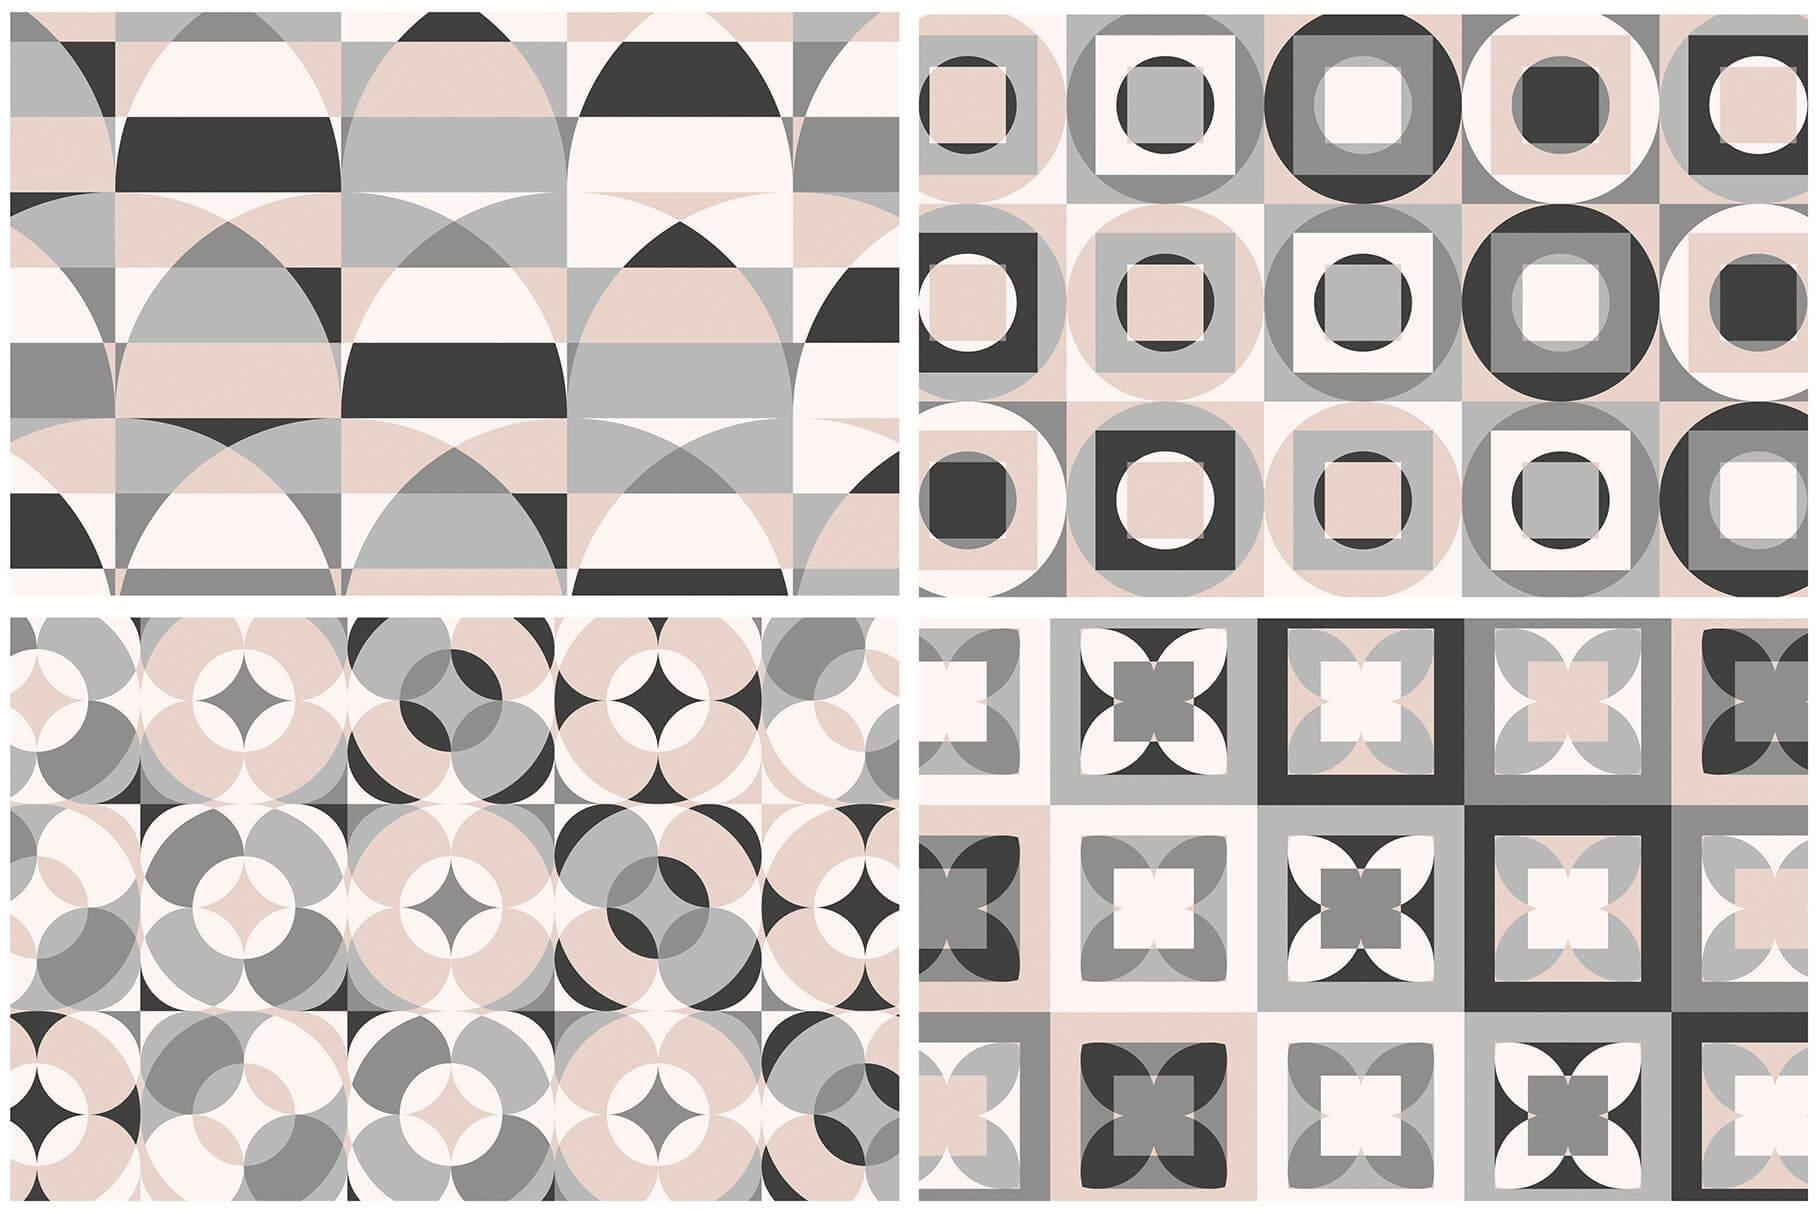 布艺面料装饰纹理图案花纹品牌辅助图形Geometric Play Patterns Tiles插图(9)